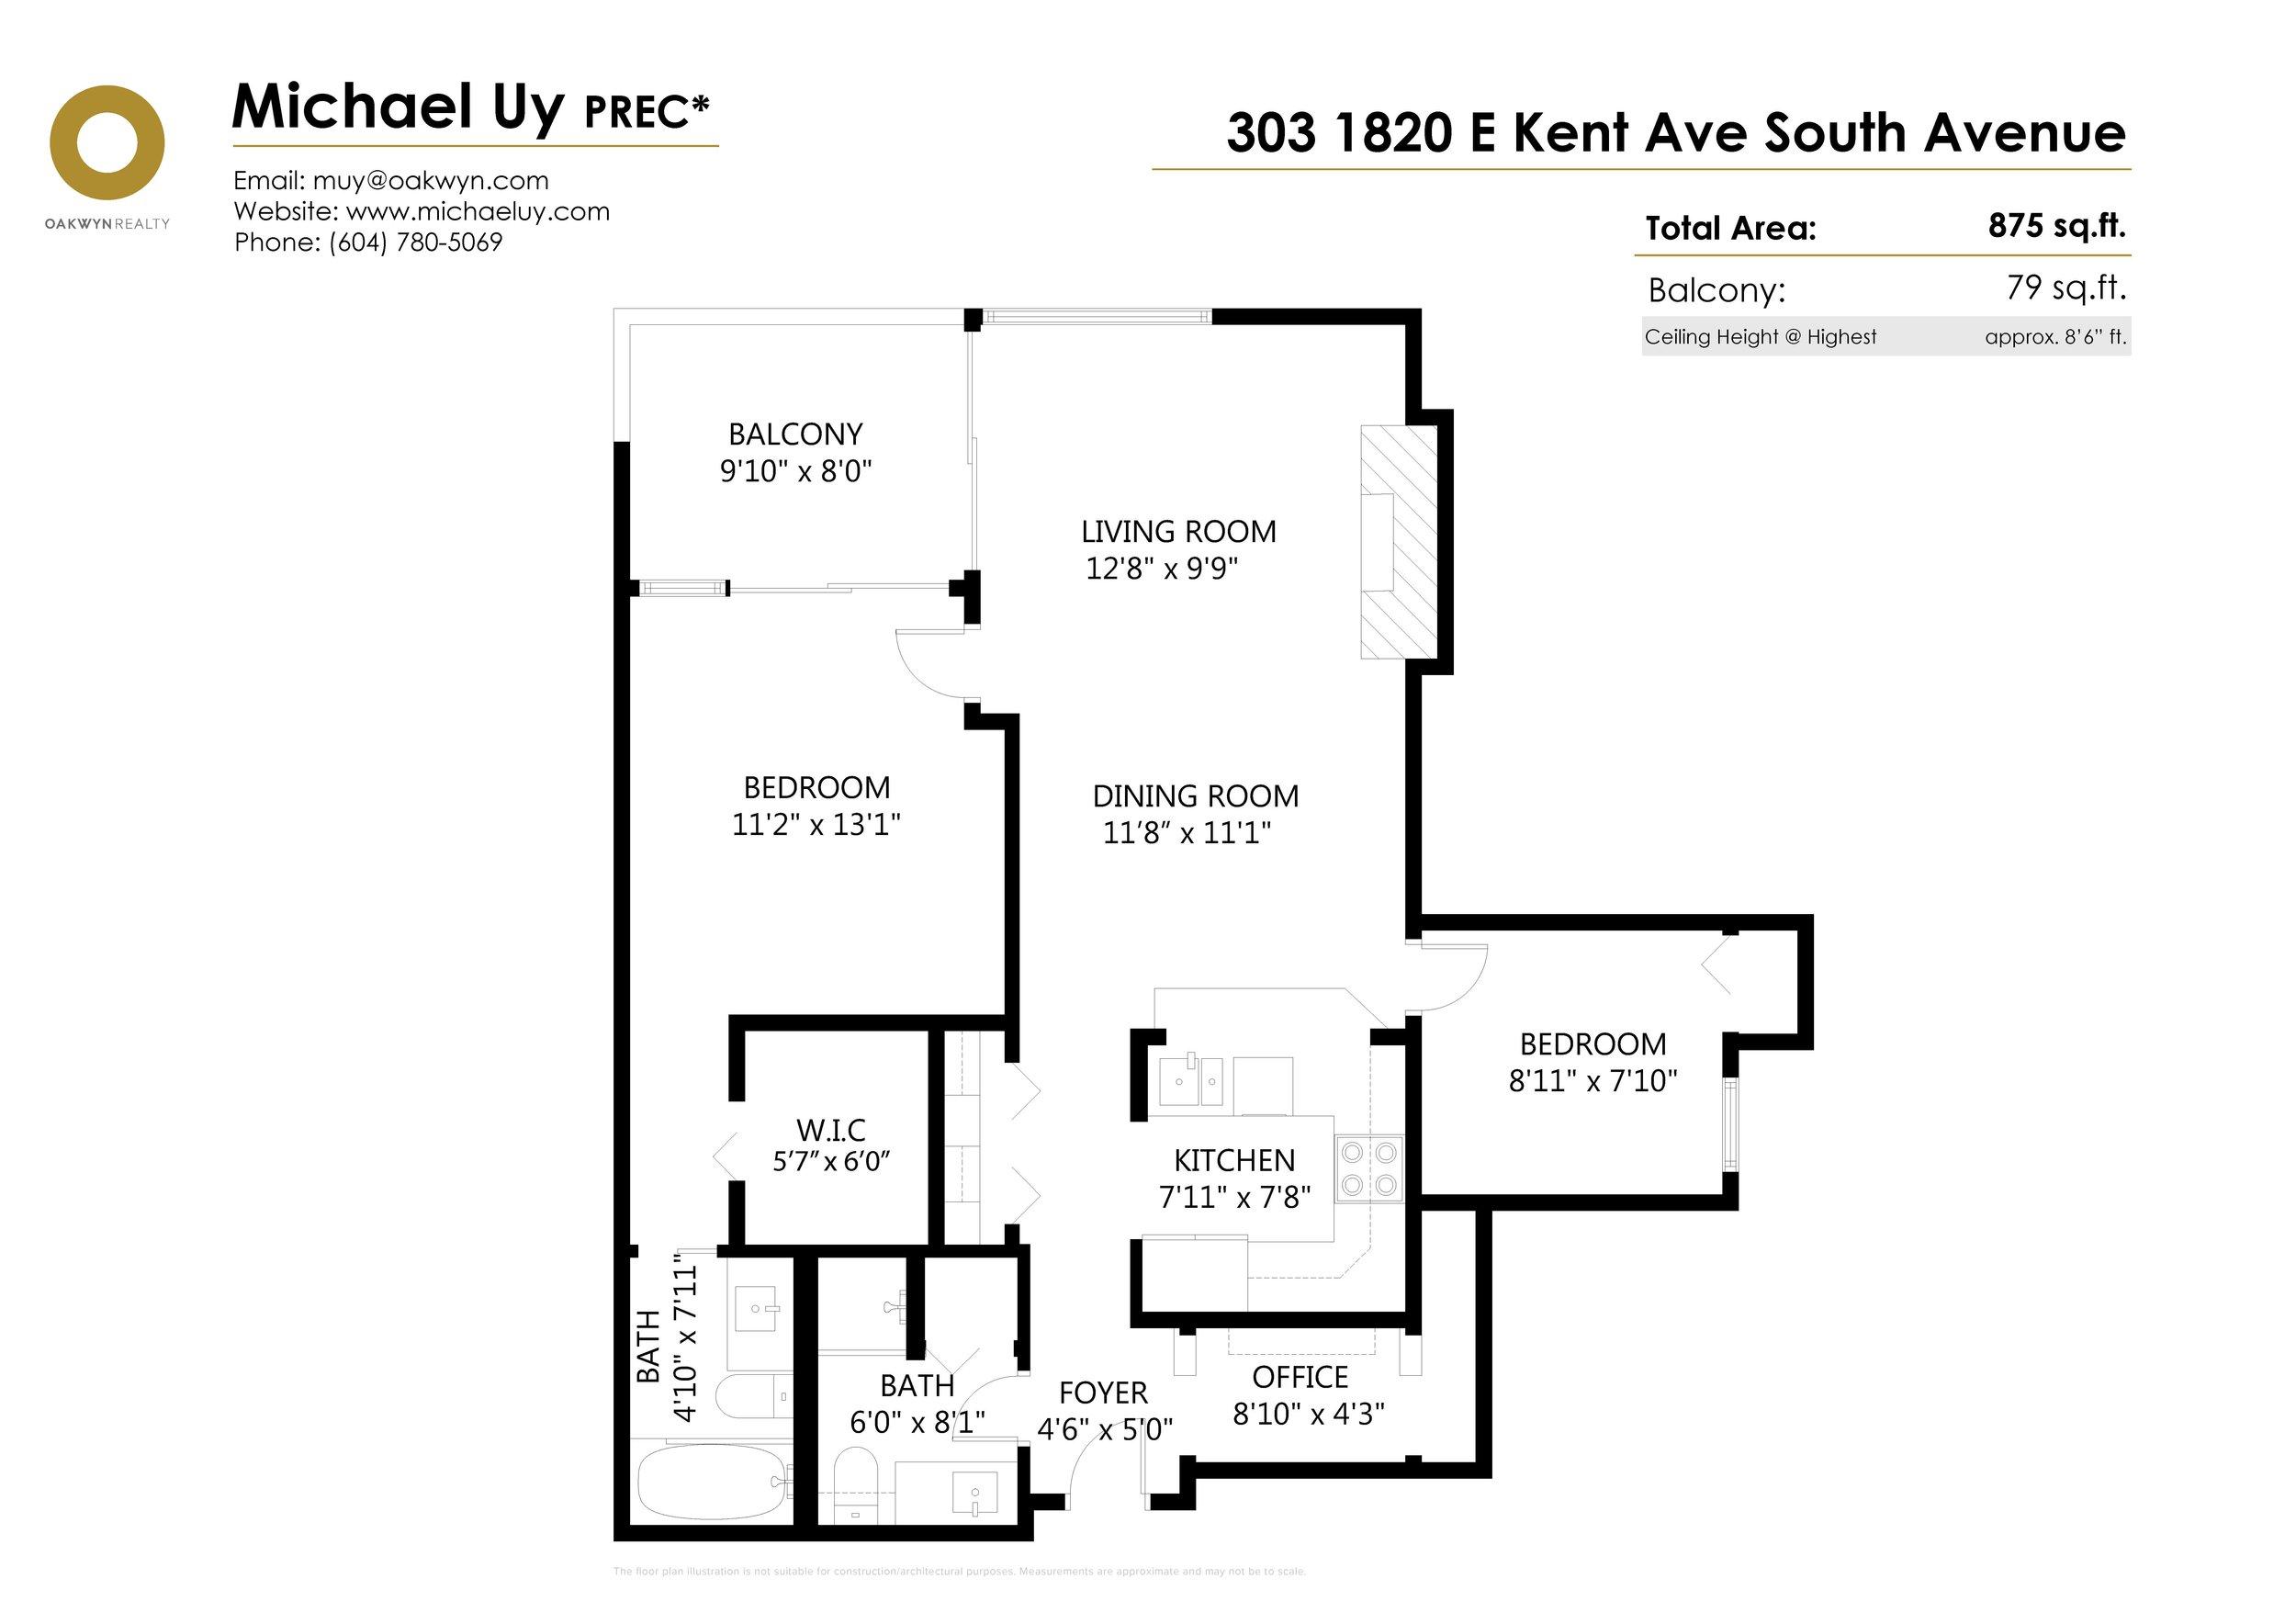 303-1820 E Kent Ave S - Branded Floor Plan.jpg